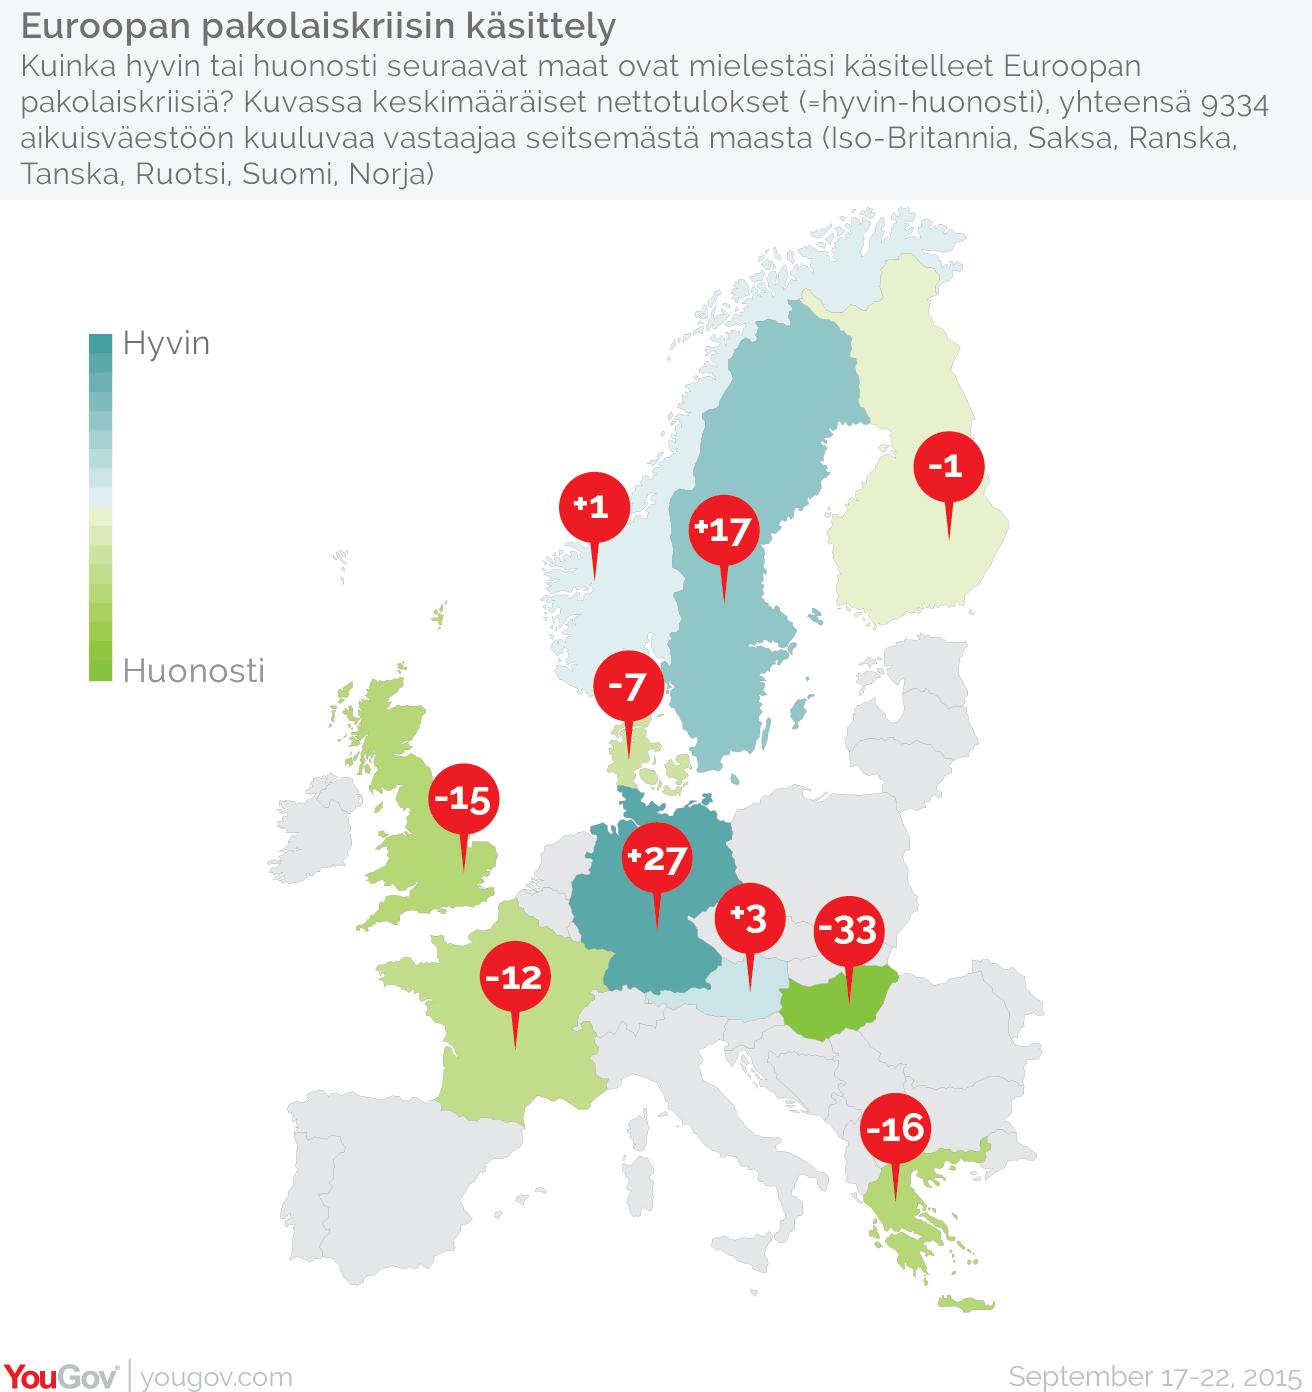 Seitsemässä Euroopan maassa tehty tutkimus paljastaa näkemykset pakolaiskriisin käsittelystä Euroopassa